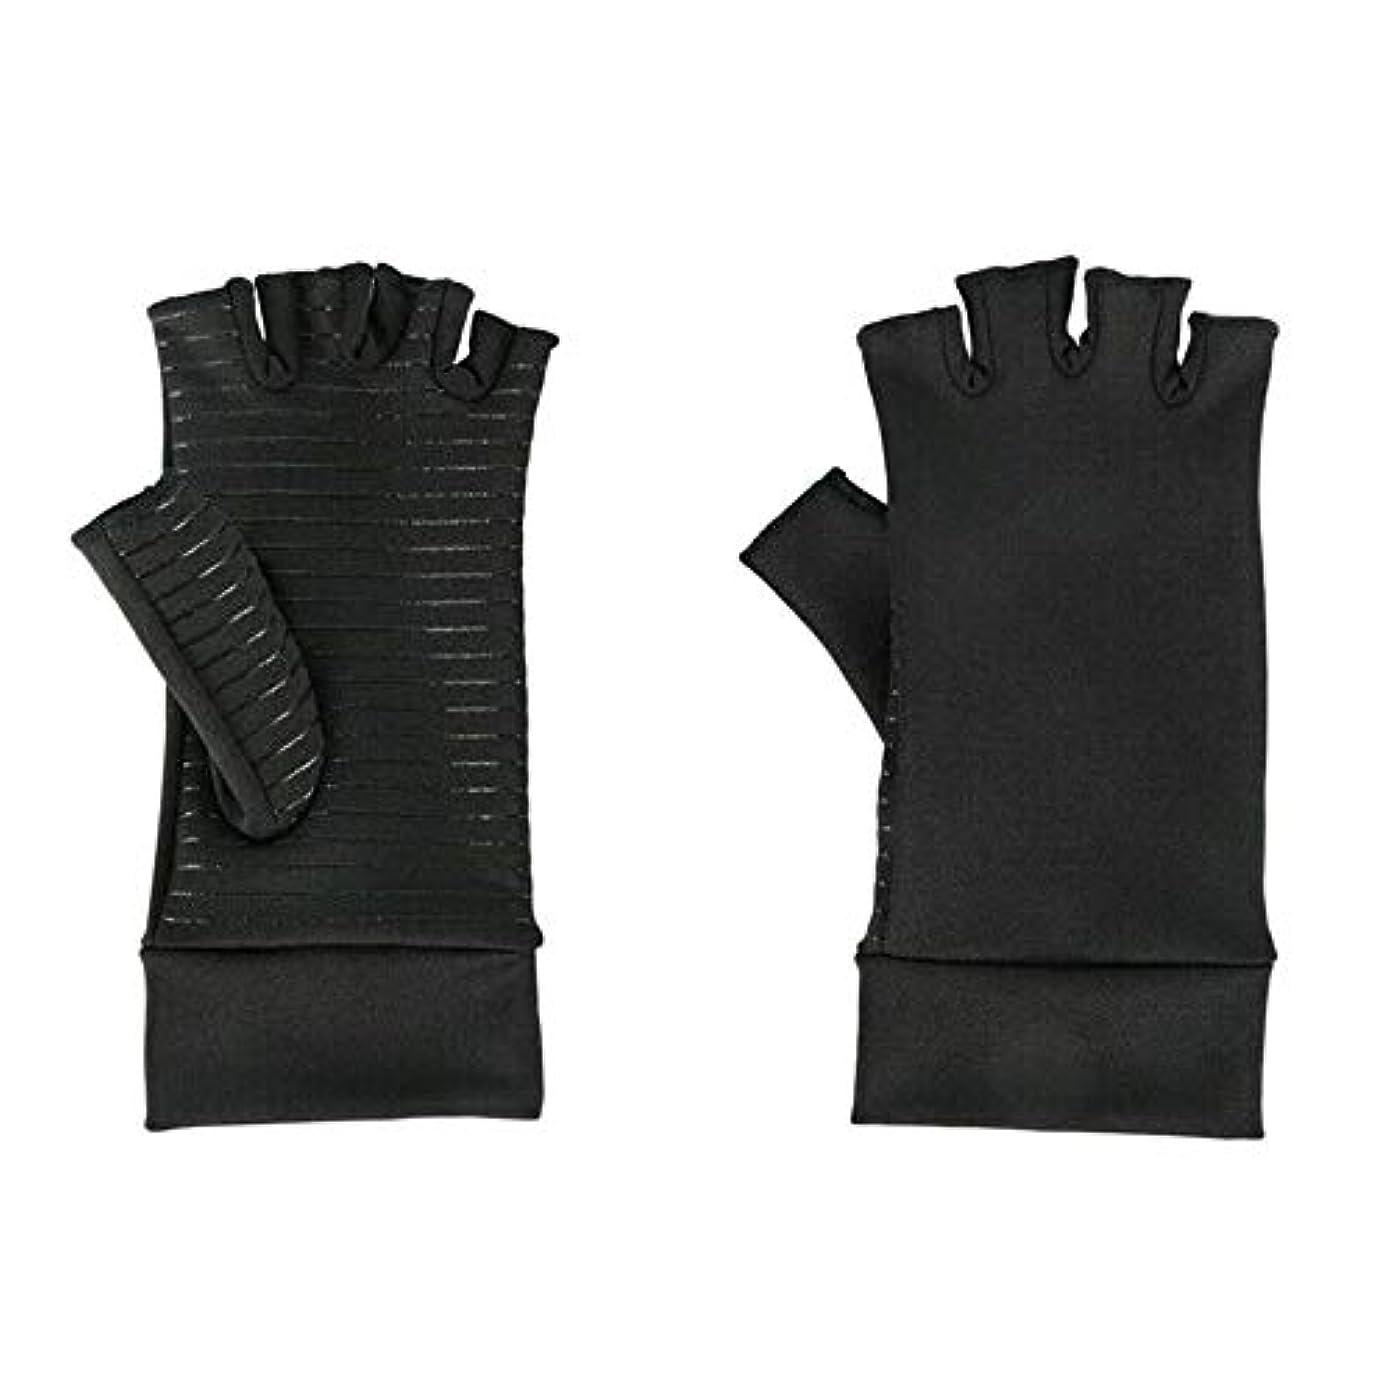 商業の発生器好奇心盛Moligh doll 圧縮手袋、関節炎、手根管、手首の装具、サポート、S